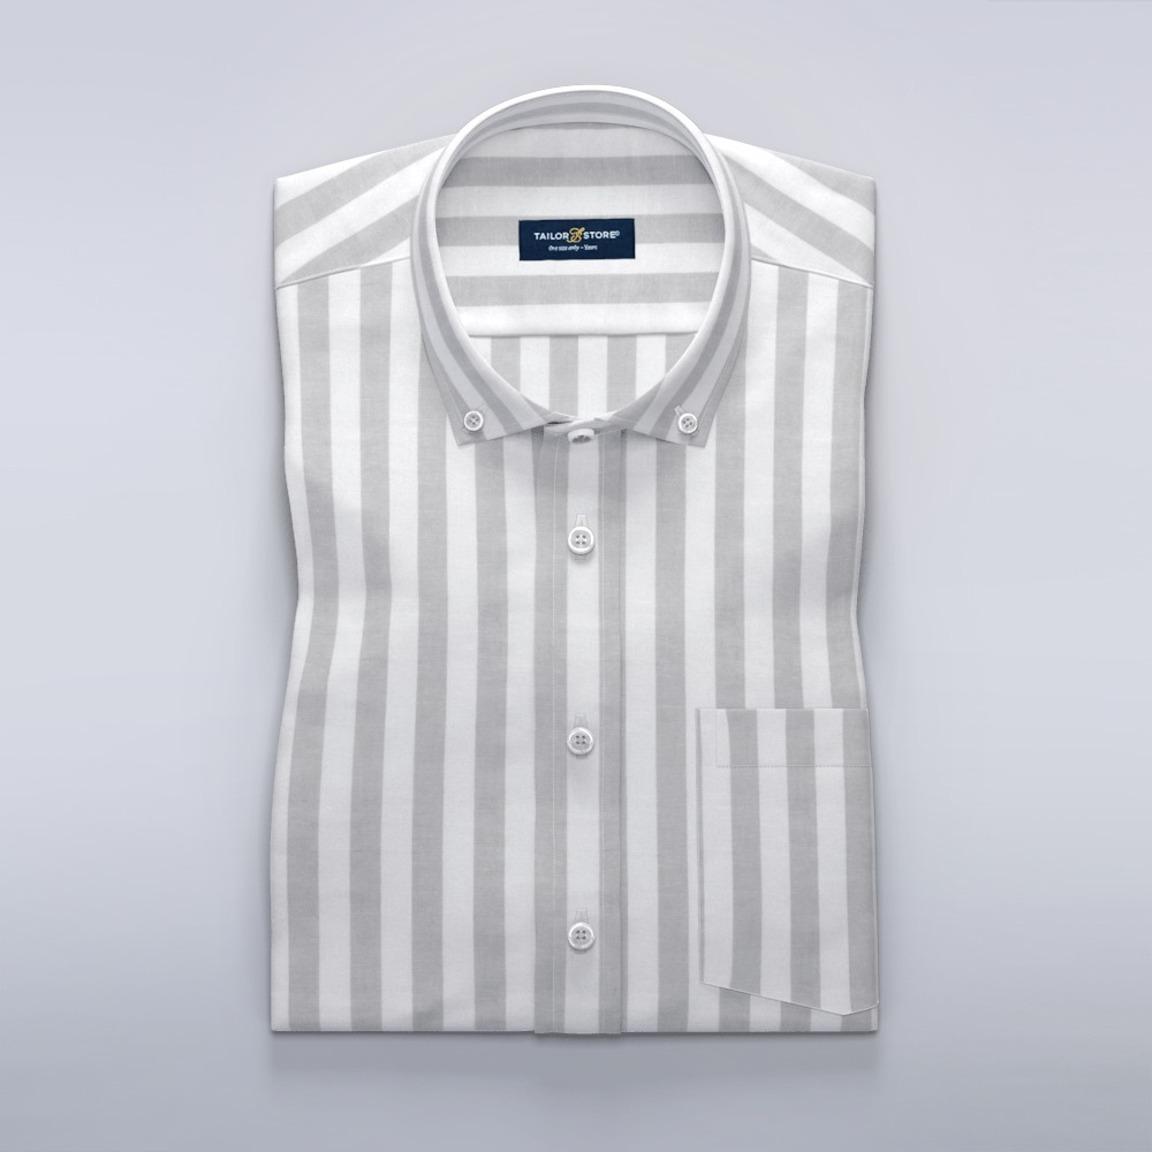 Vit och ljusgrå randig kortärmad skjorta